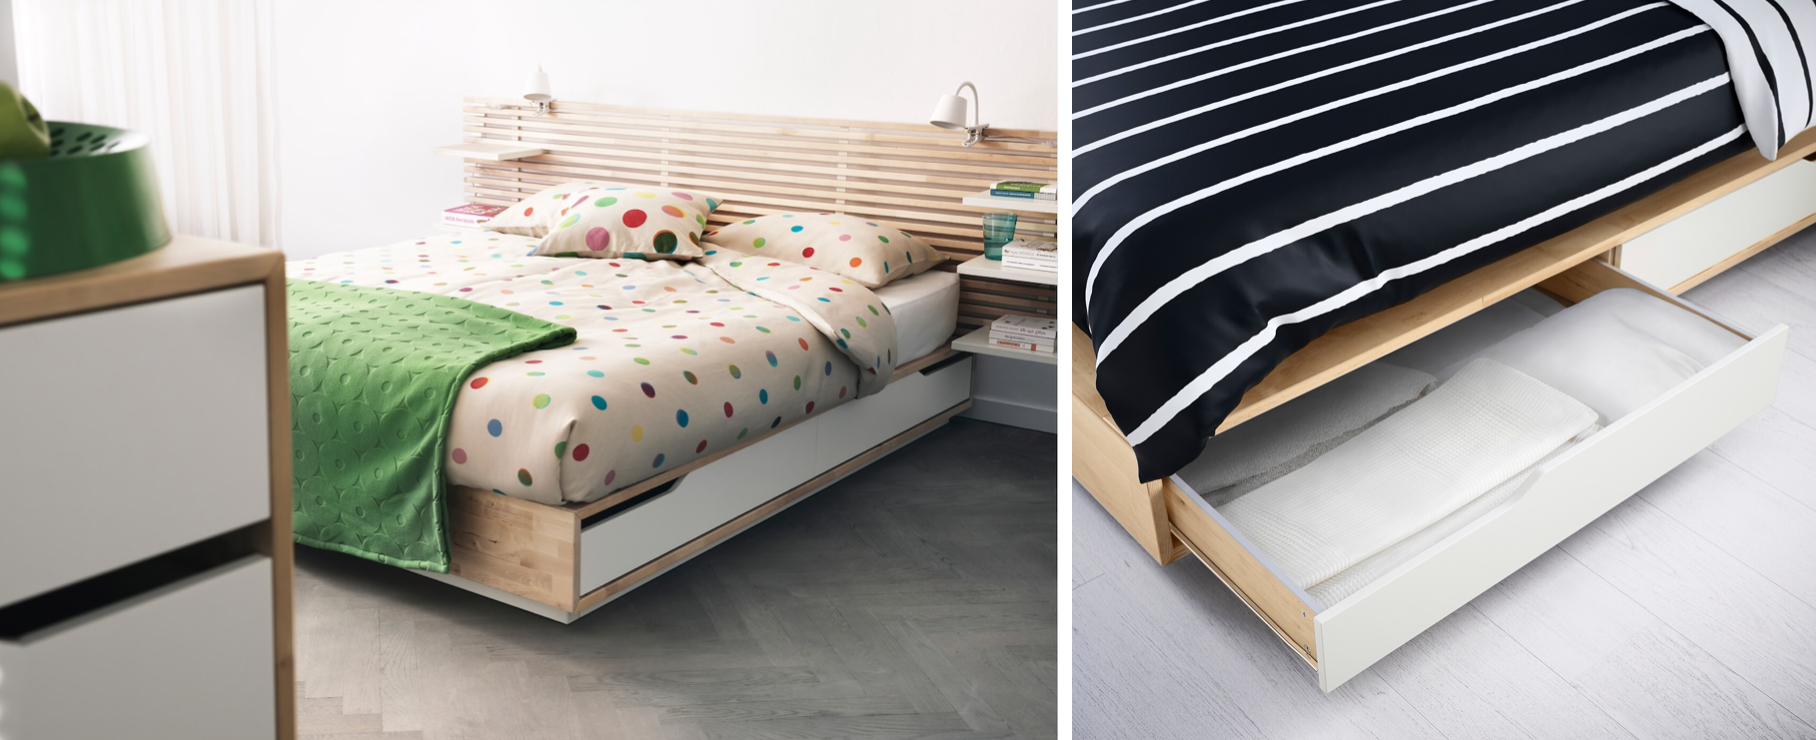 IKEAの収納付きベッド